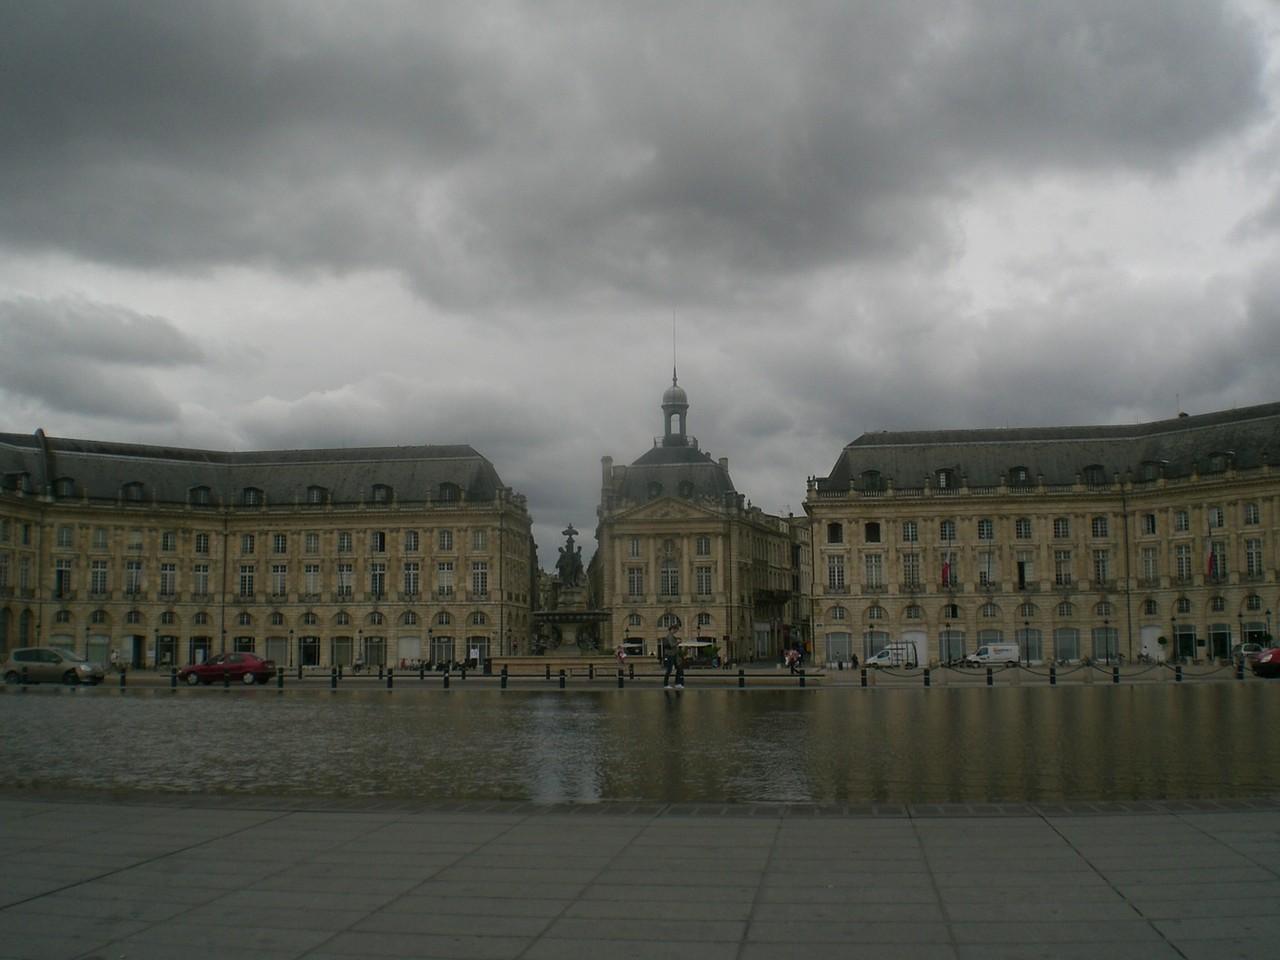 昼間の市庁舎